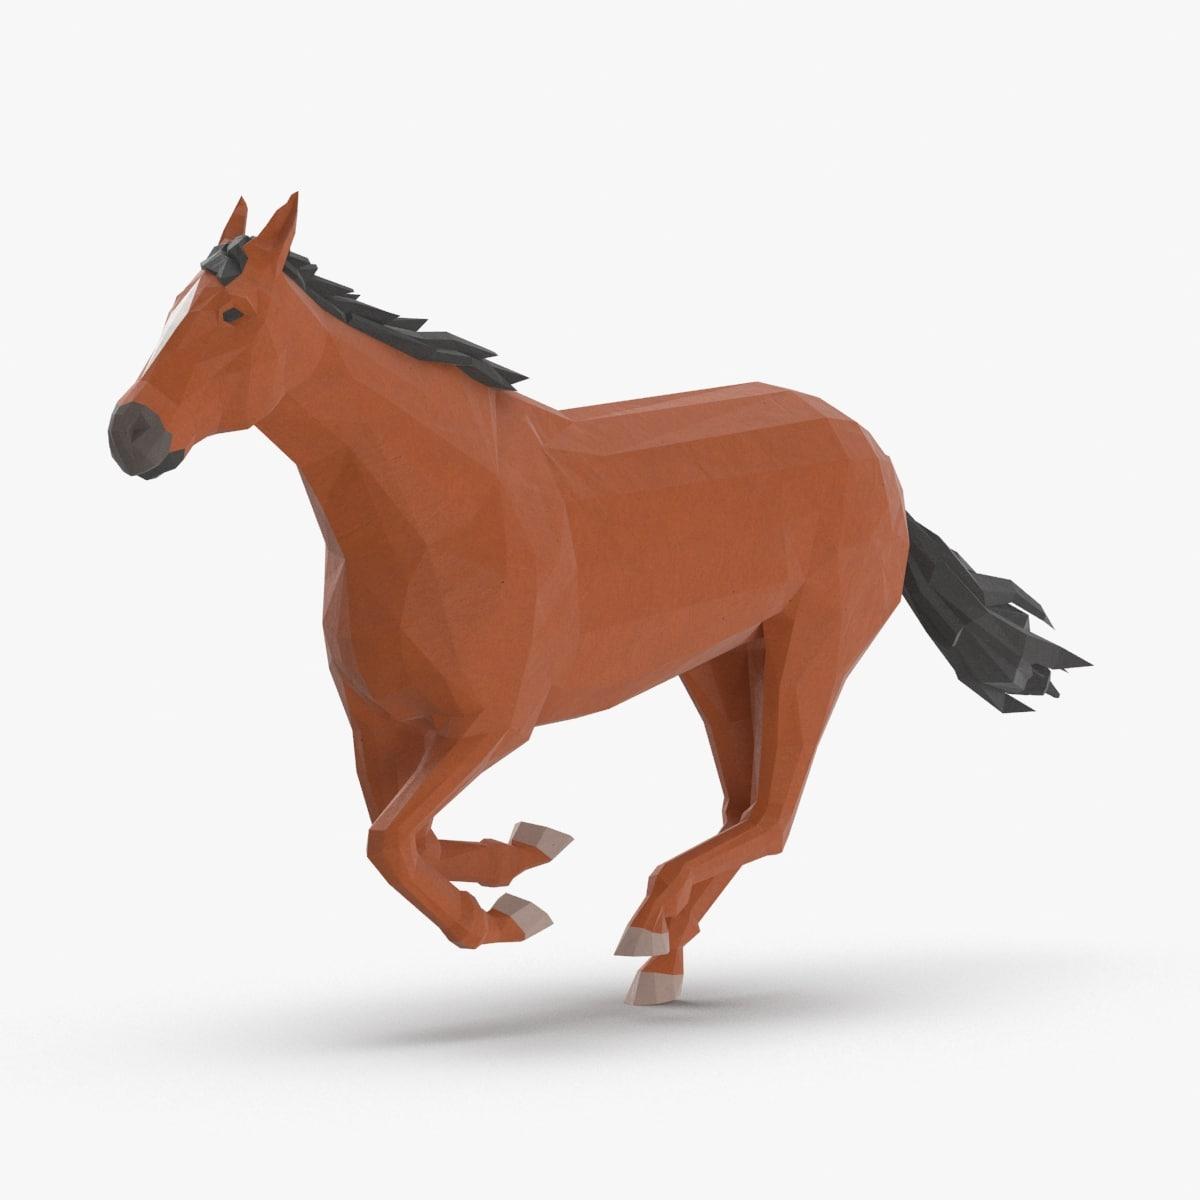 horse---running model